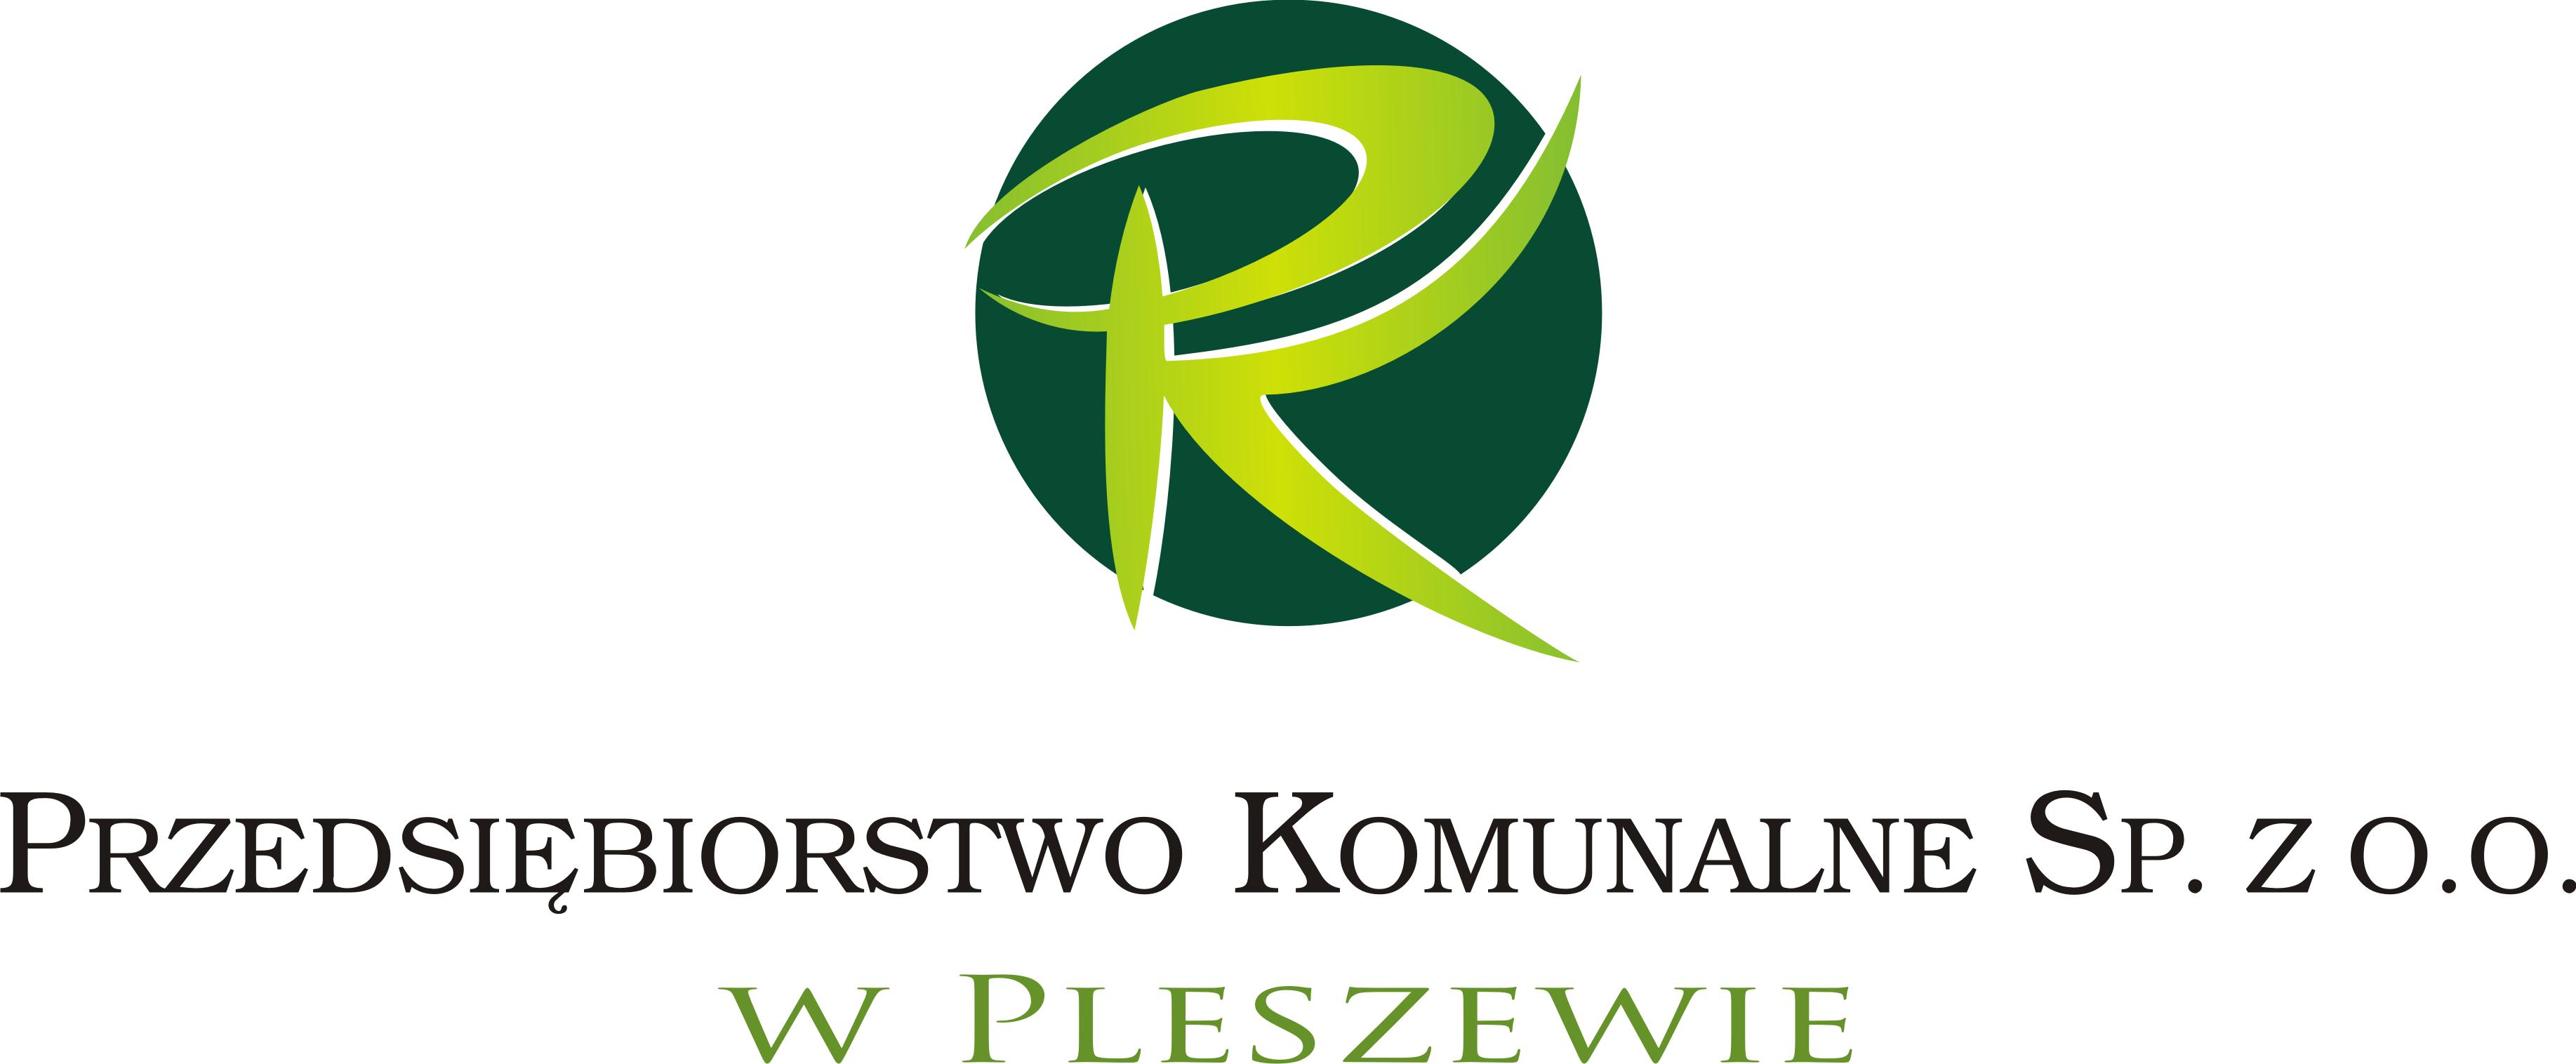 Przedsiębiorstwo Komunalne w Pleszewie